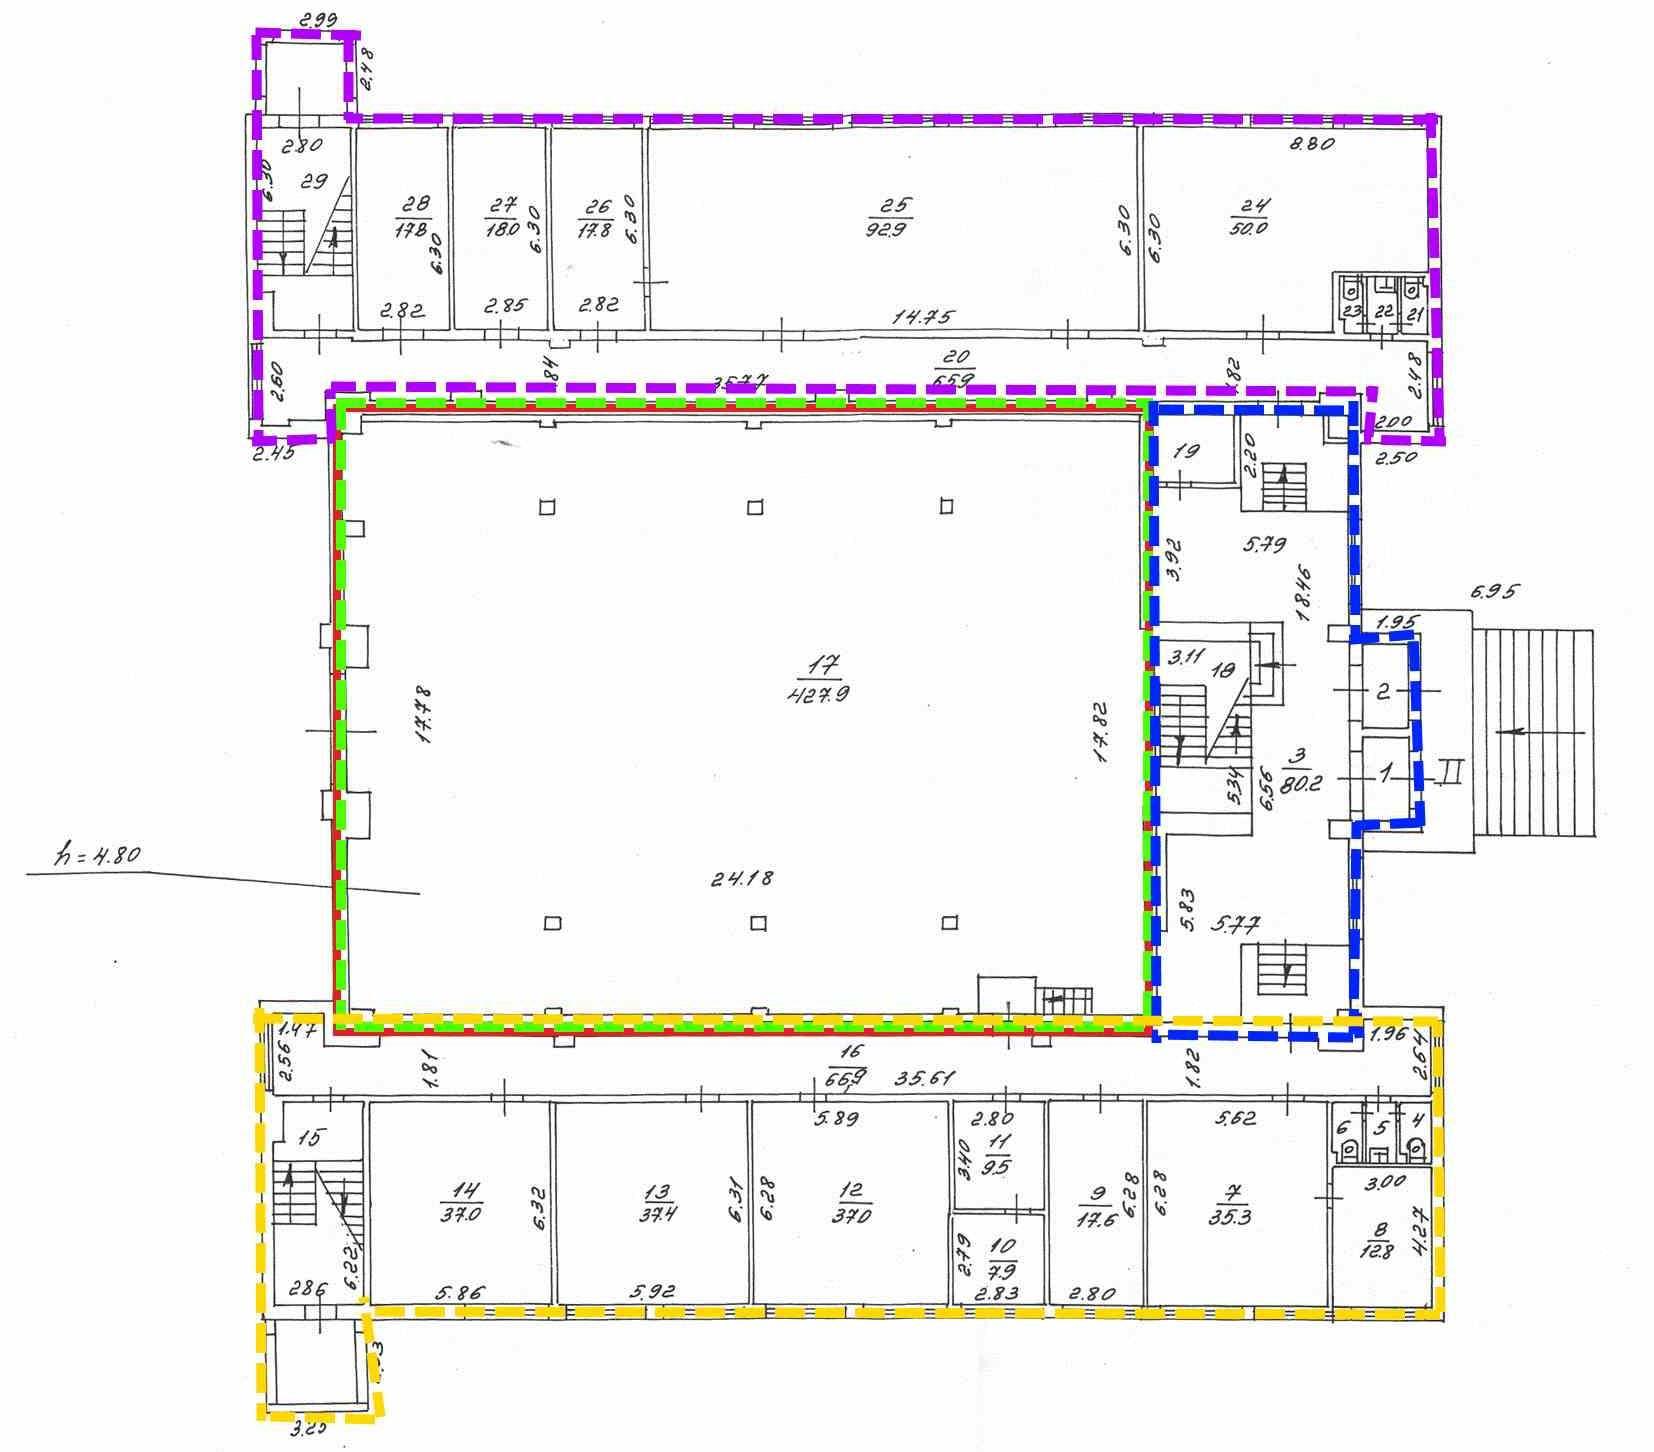 Образец будущего раздела помещения. Синем цветом показано вспомогательное помещение